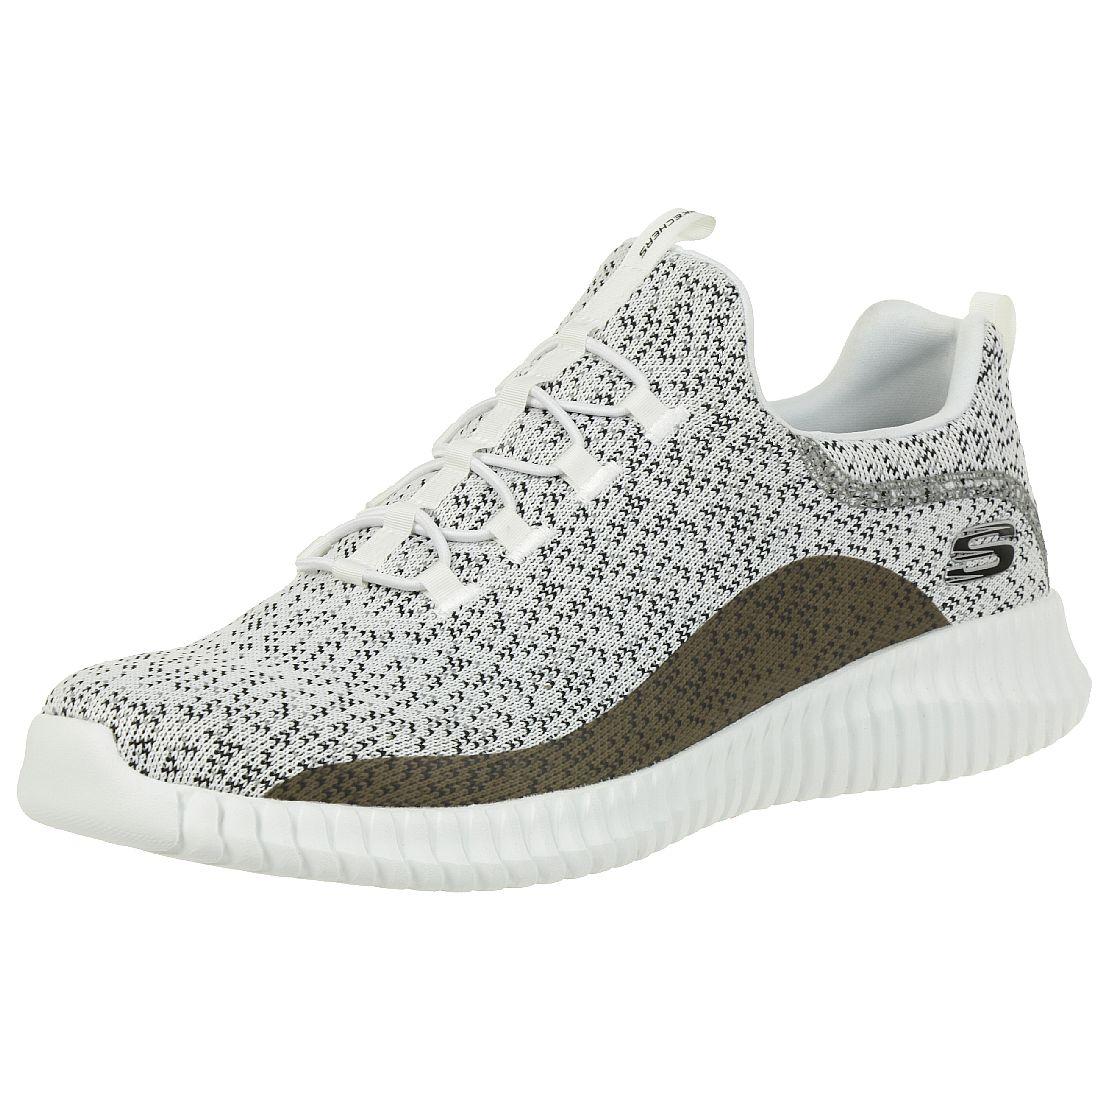 Skechers Sneaker weiss 47